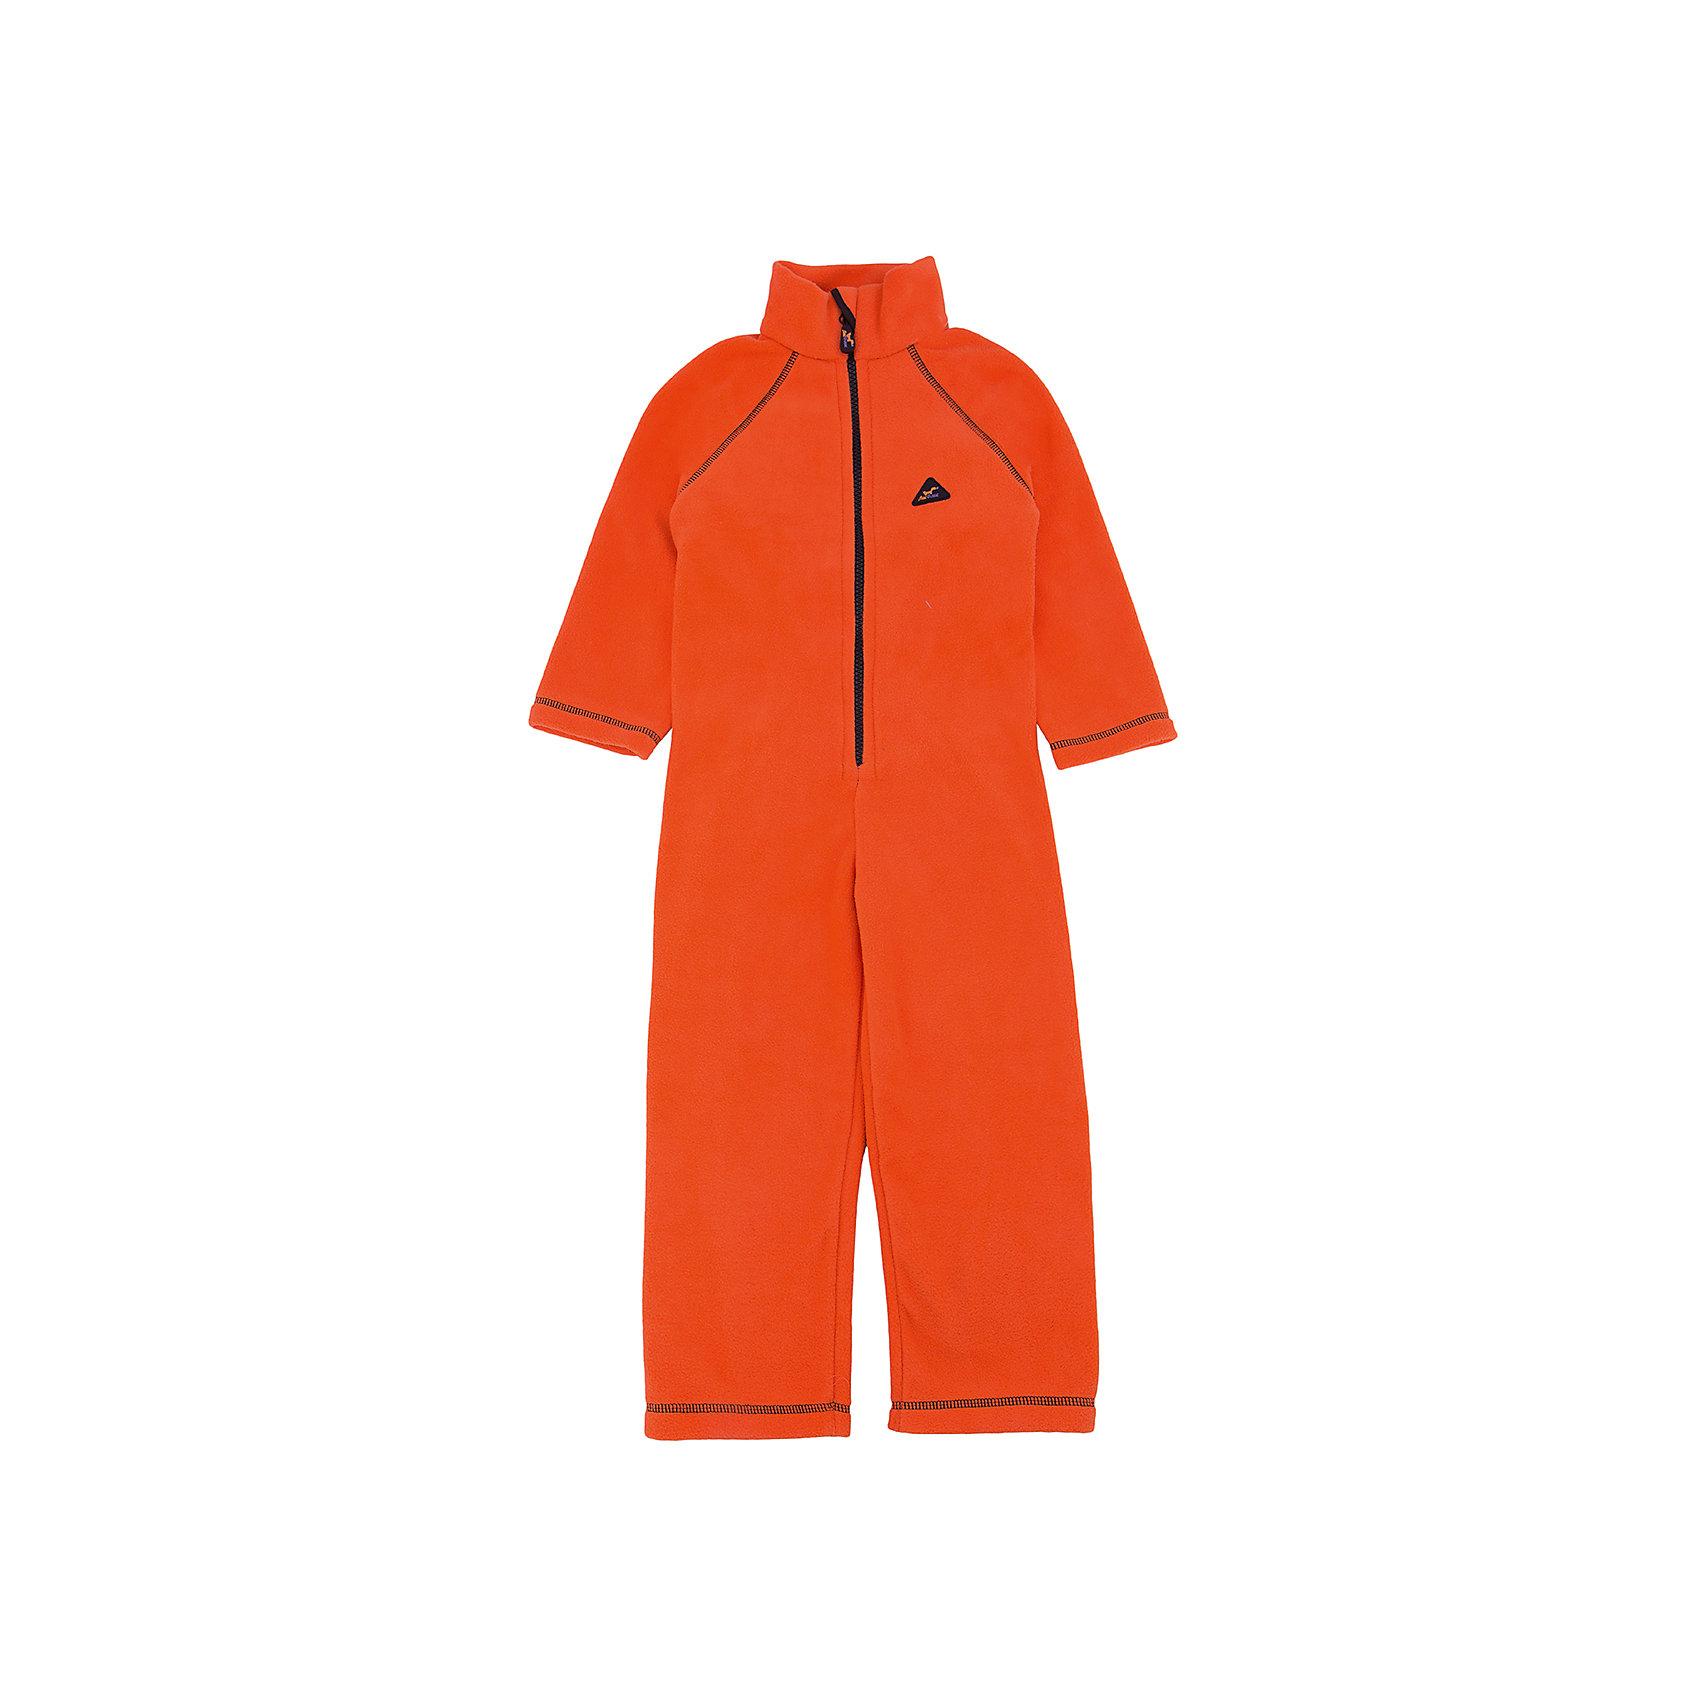 Комбинезон Радуга ЛисФлисФлис и термобелье<br>Характеристики комбинезона:<br><br>- пол: для девочек, для мальчиков<br>- комплект: комбинезон<br>- длина рукава: длинные<br>- цвет: оранжевый<br>- вид застежки: молния<br>- материал: флис<br>- уход: предварительная стирка<br>- рисунок: без рисунка<br>- утеплитель: без утепления<br>- назначение: повседневная<br>- сезон: круглогодичный<br>- страна бренда: Россия<br>- страна производитель: Россия<br><br>Комбинезон торговой марки ЛисФлис - самое удачное сочетание цены и качества! Компания ЛисФлис использует только лучший флис самого высокого качества с двусторонней антипиллинговой обработкой и дополнительной обработкой SoftWare для большей мягкости изделий.<br>Комбинезон изготовлен из тонкого микрофлиса, очень легкий и удобный. Его просто надевать и снимать.<br><br>Комбинезон торговой марки ЛисФлис можно купить в нашем интернет-магазине.<br><br>Ширина мм: 215<br>Глубина мм: 88<br>Высота мм: 191<br>Вес г: 336<br>Цвет: оранжевый<br>Возраст от месяцев: 36<br>Возраст до месяцев: 48<br>Пол: Унисекс<br>Возраст: Детский<br>Размер: 104,80,86,98,110,116,122,128,134,140,146,92<br>SKU: 4939059